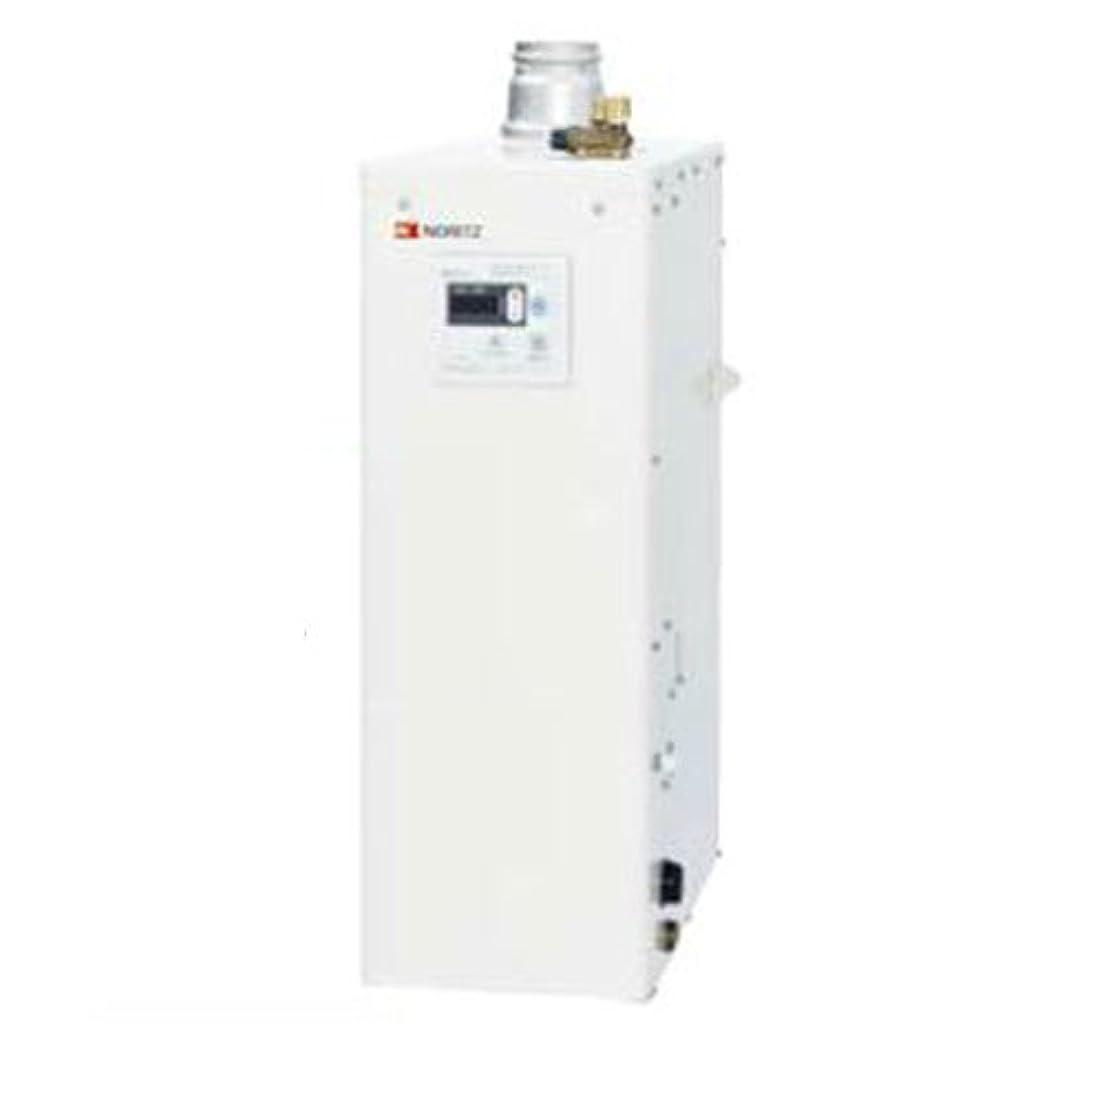 メロドラマ素人チャーターOQB-3704F ノーリツ 石油給湯器 直圧式 給湯専用タイプ 3万キロ 屋内/屋外兼用形